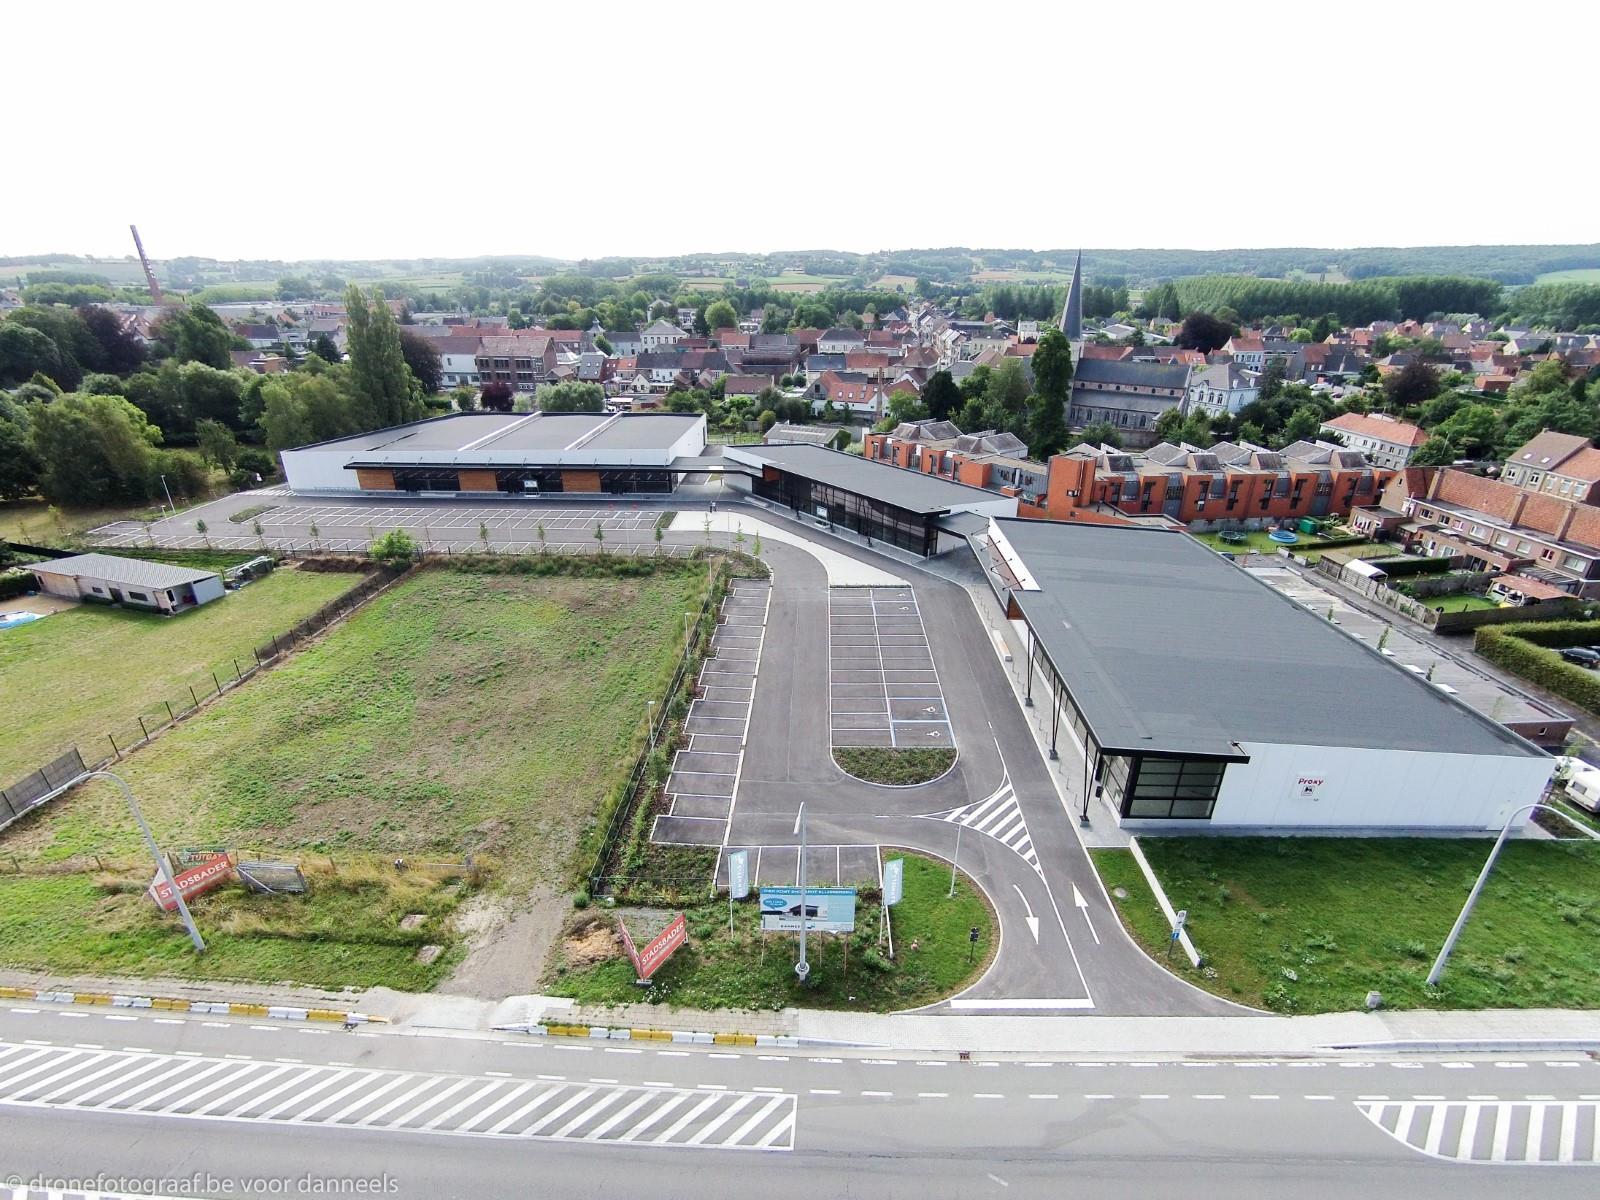 commercieel centrum te huur 'Berchem Retail Park' (R0733) - Oudenaardebaan  , 9690 Kluisbergen, België 4